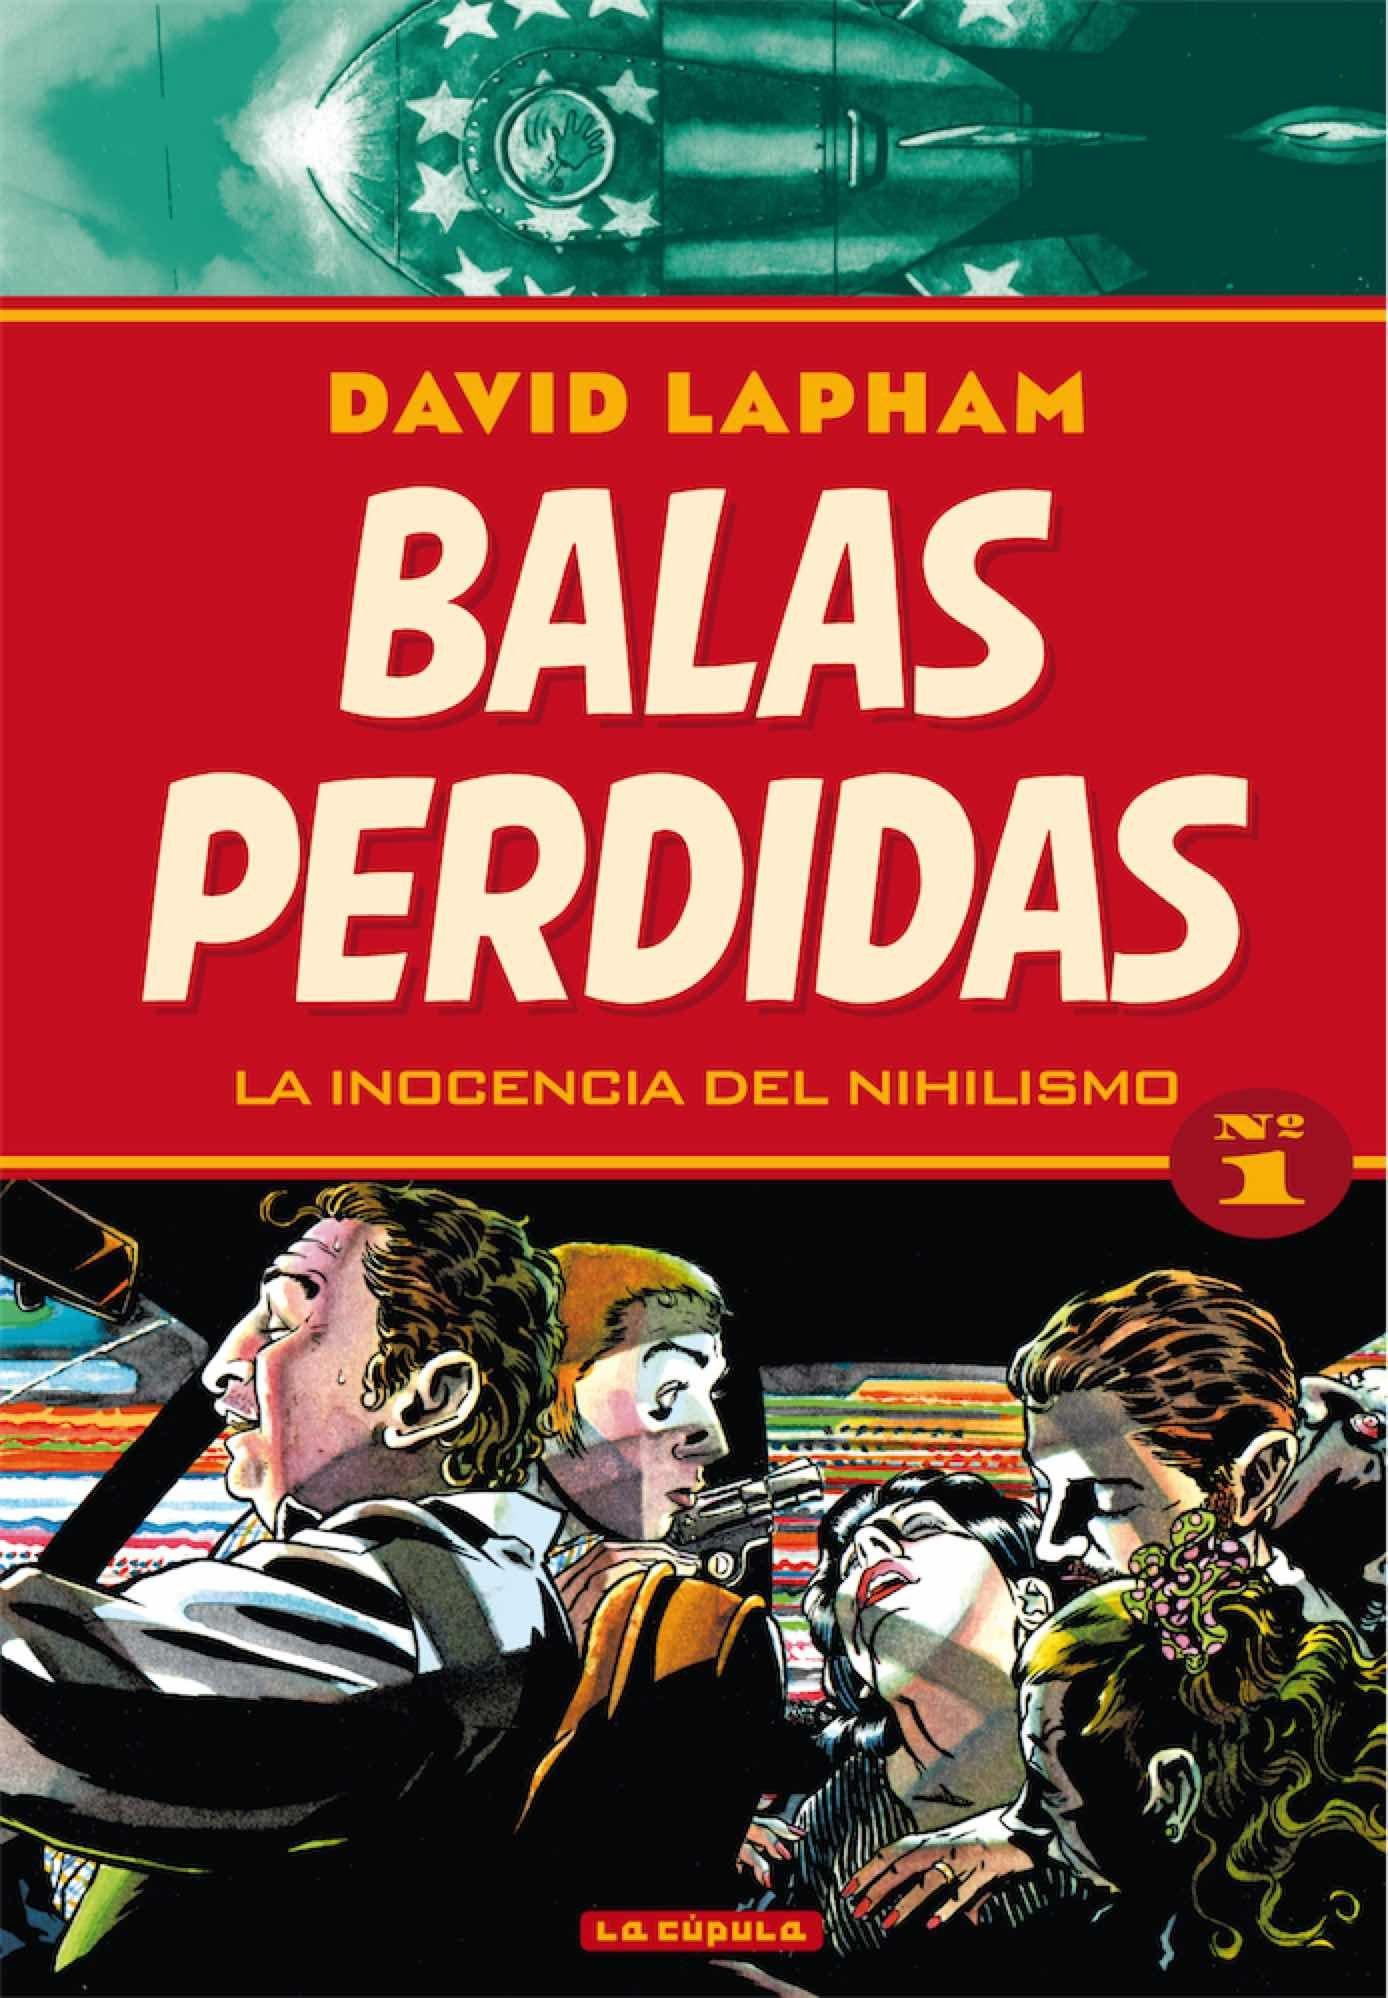 Portada libro - Balas perdidas 01, la inocencia del nihilismo